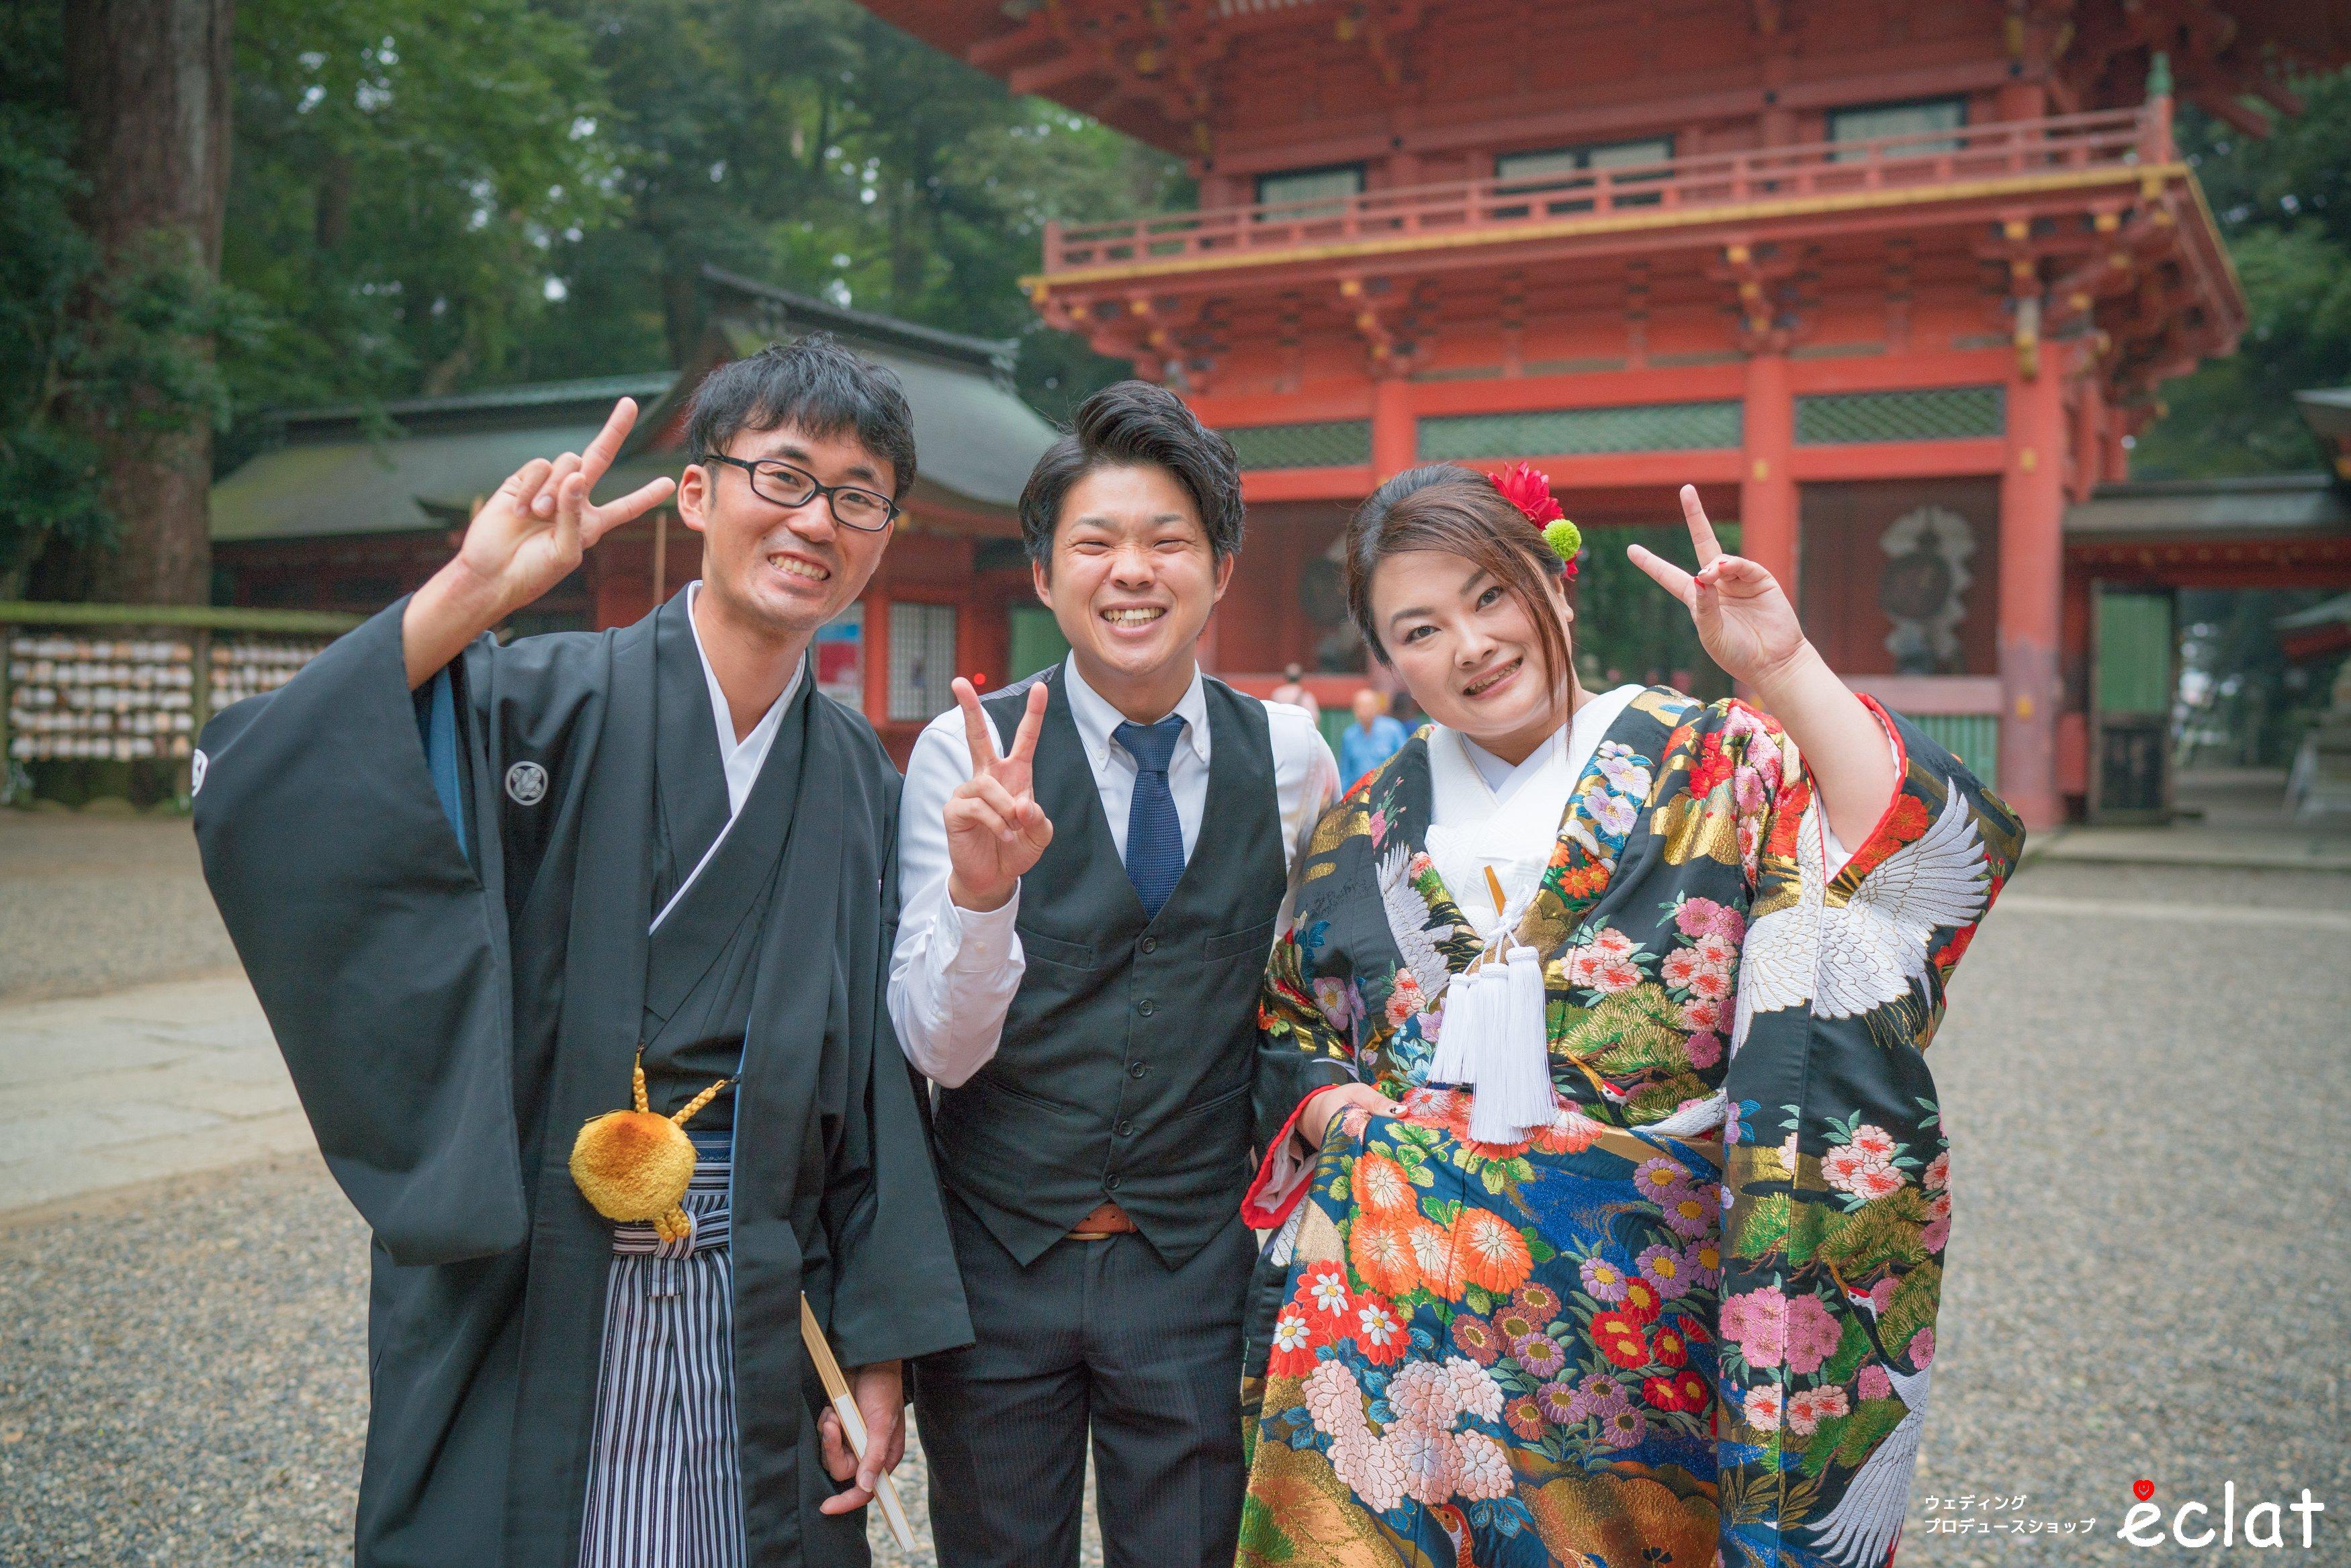 鹿島神宮 神社挙式 結婚式 ウエディングプロデュースショップ エクラ eclat